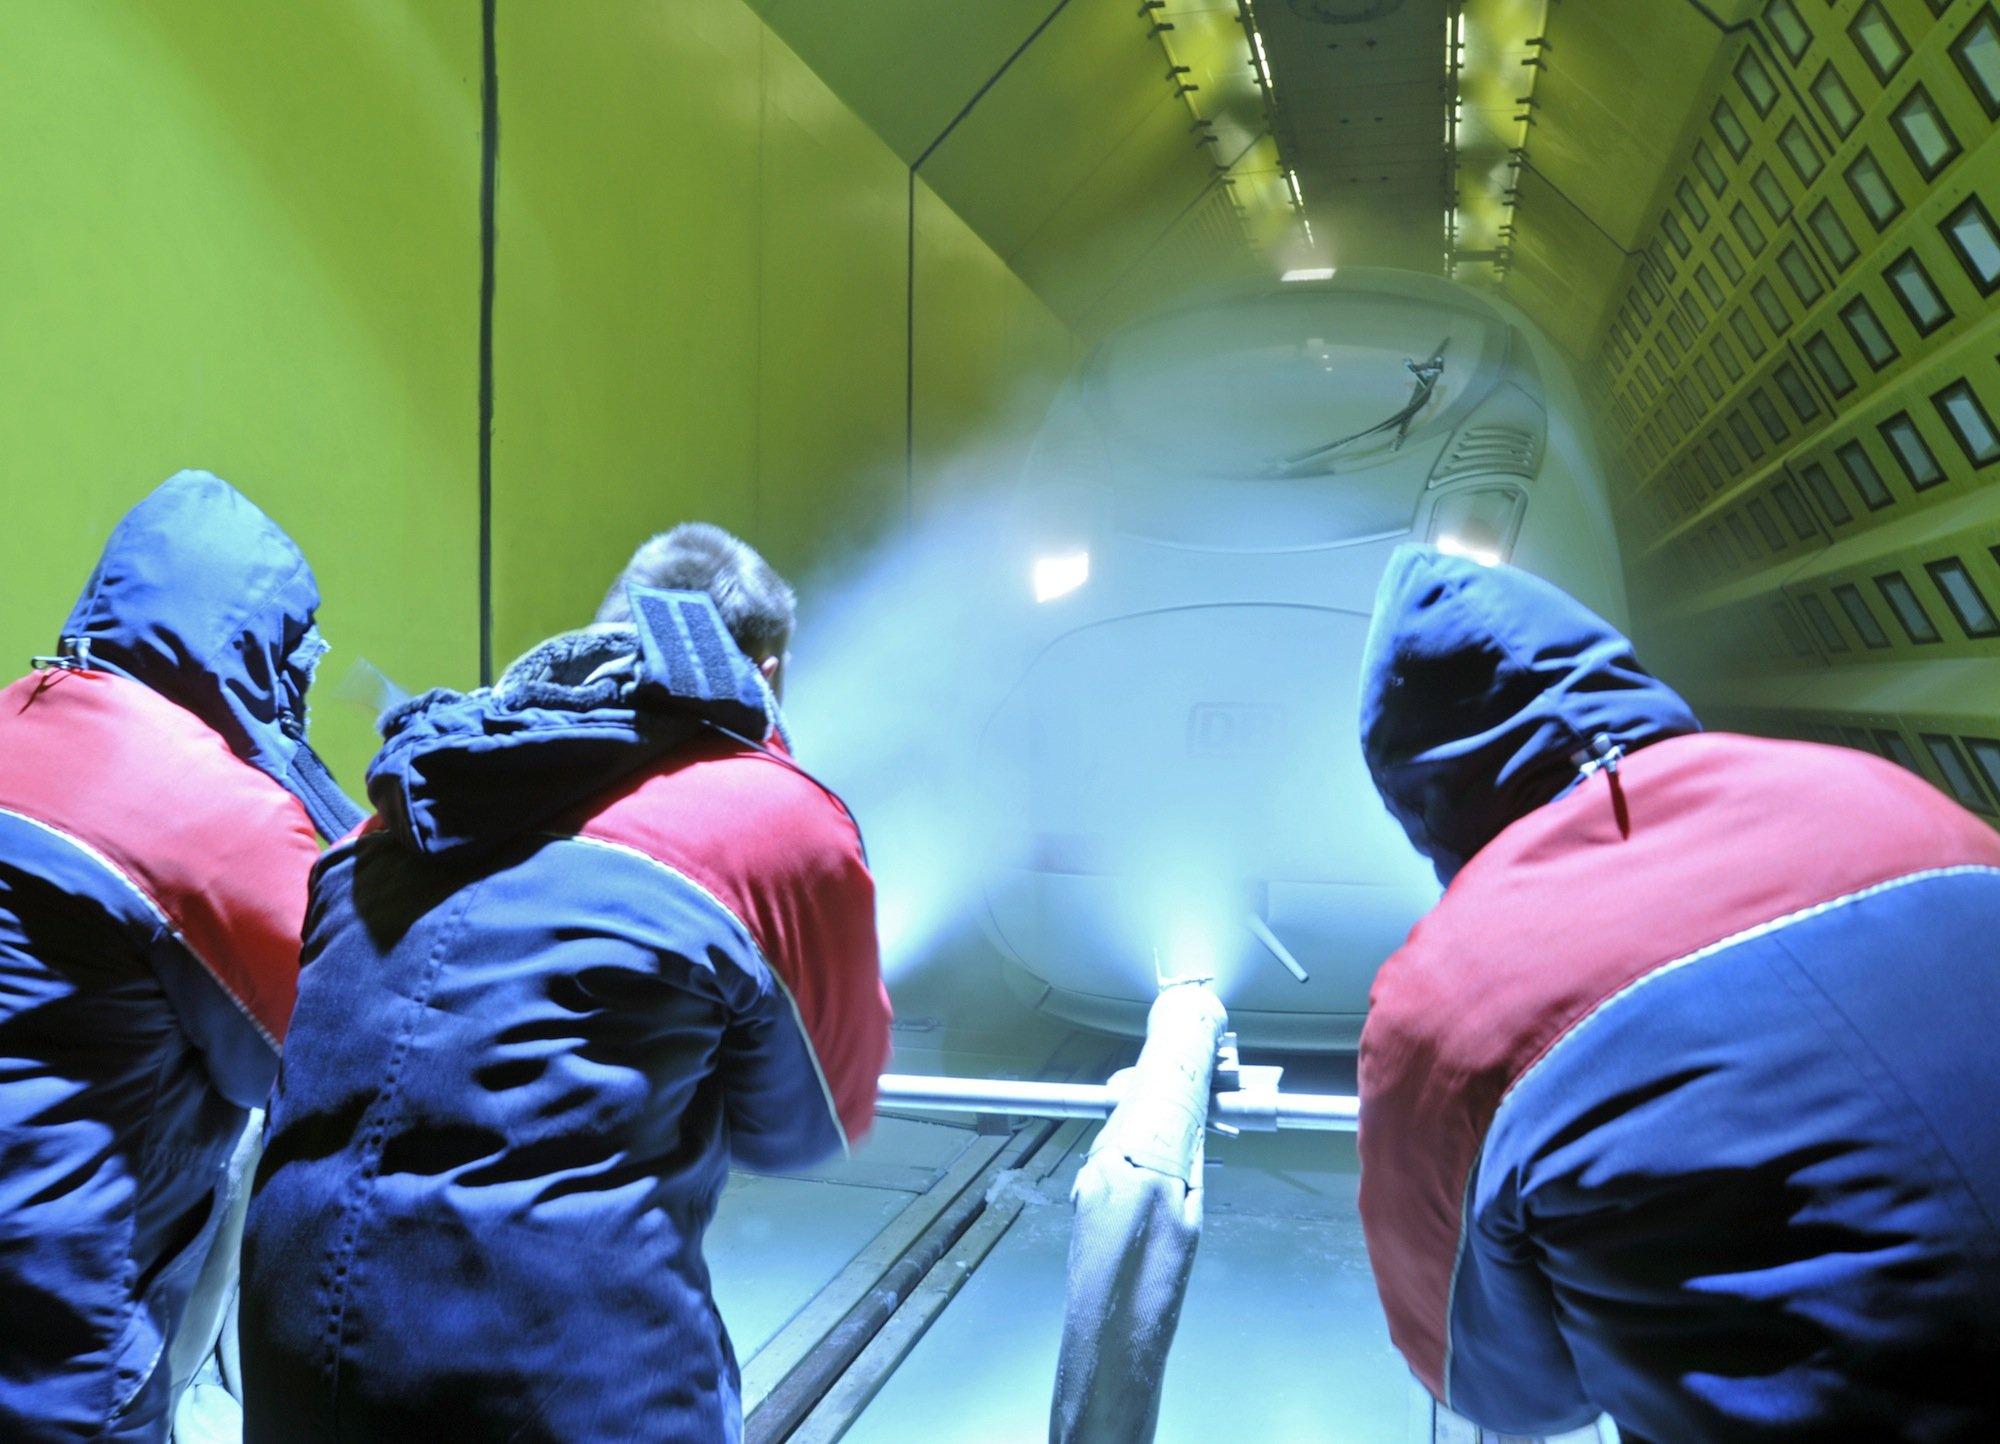 Im Klima-Windkanal in Wien wechselt das Klima in 48 Stunden von 40 Grad auf eisige minus 30 Grad. Diese Klimaextreme decken Schwachstellen an den Zügen gnadenlos auf. Auch die neue Eco-Tram wurde hier getestet.